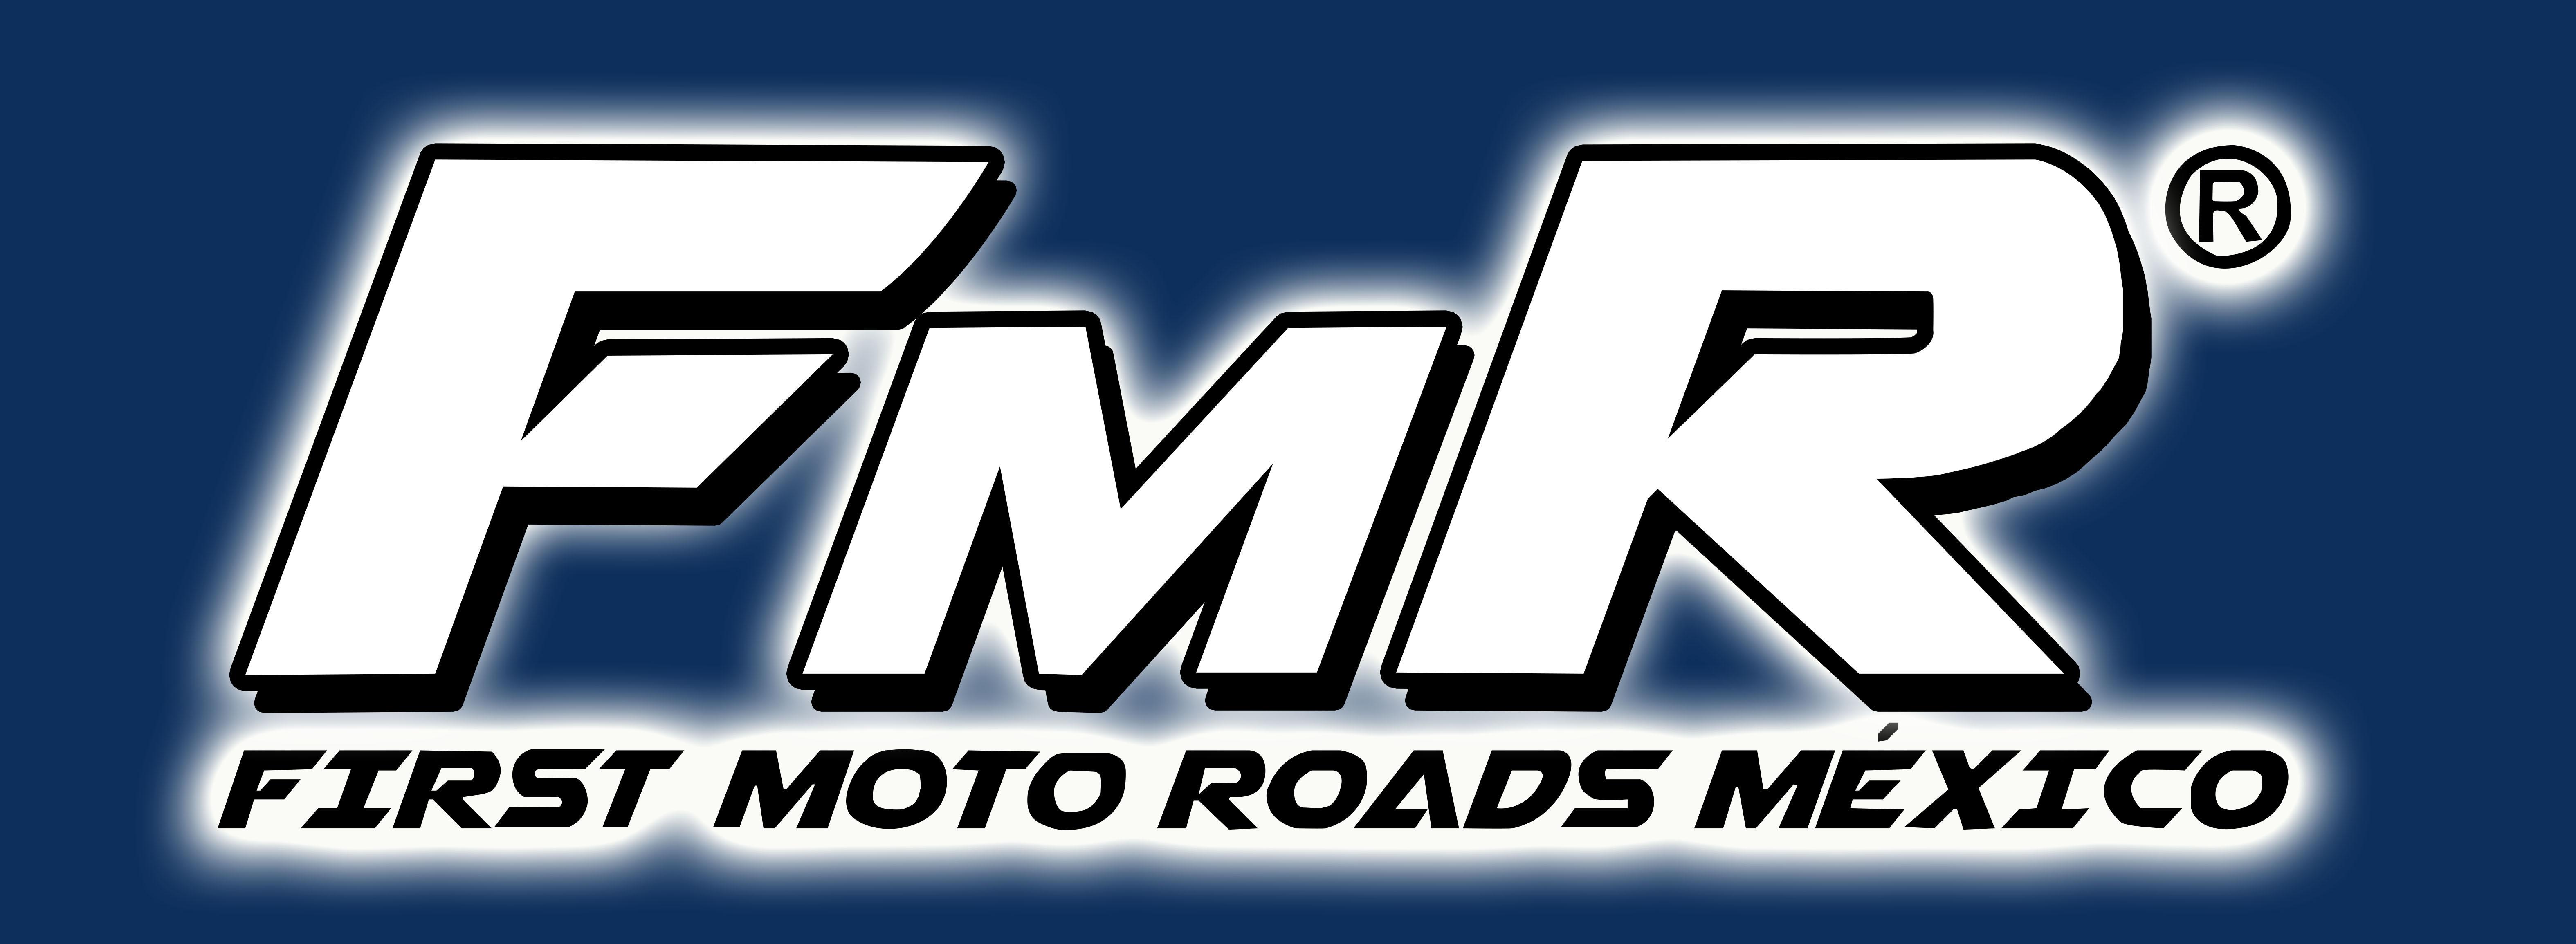 MOTO BUNKER FMR